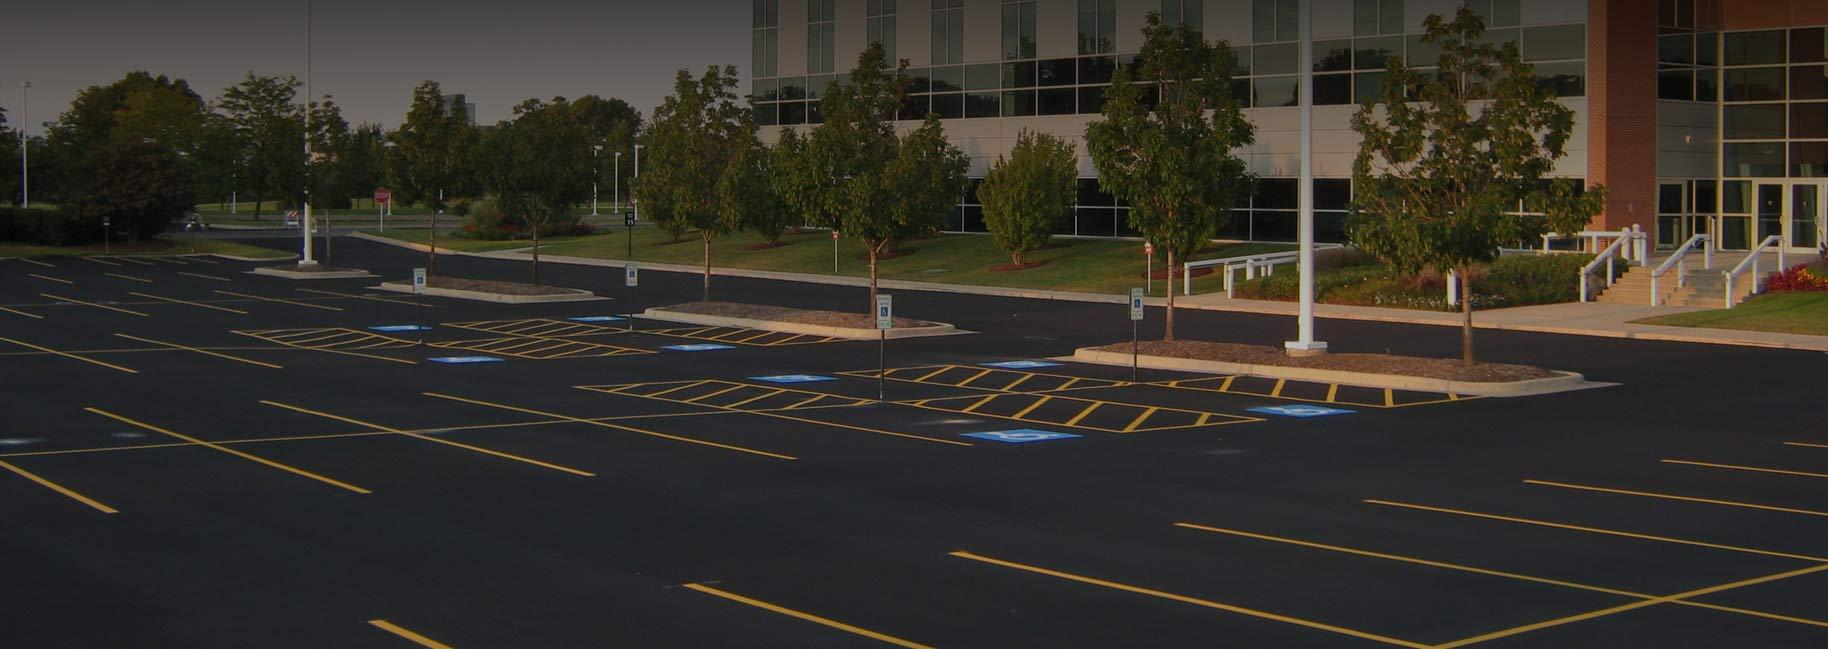 Retail Shopping Center Parking Lot Maintenance Rose